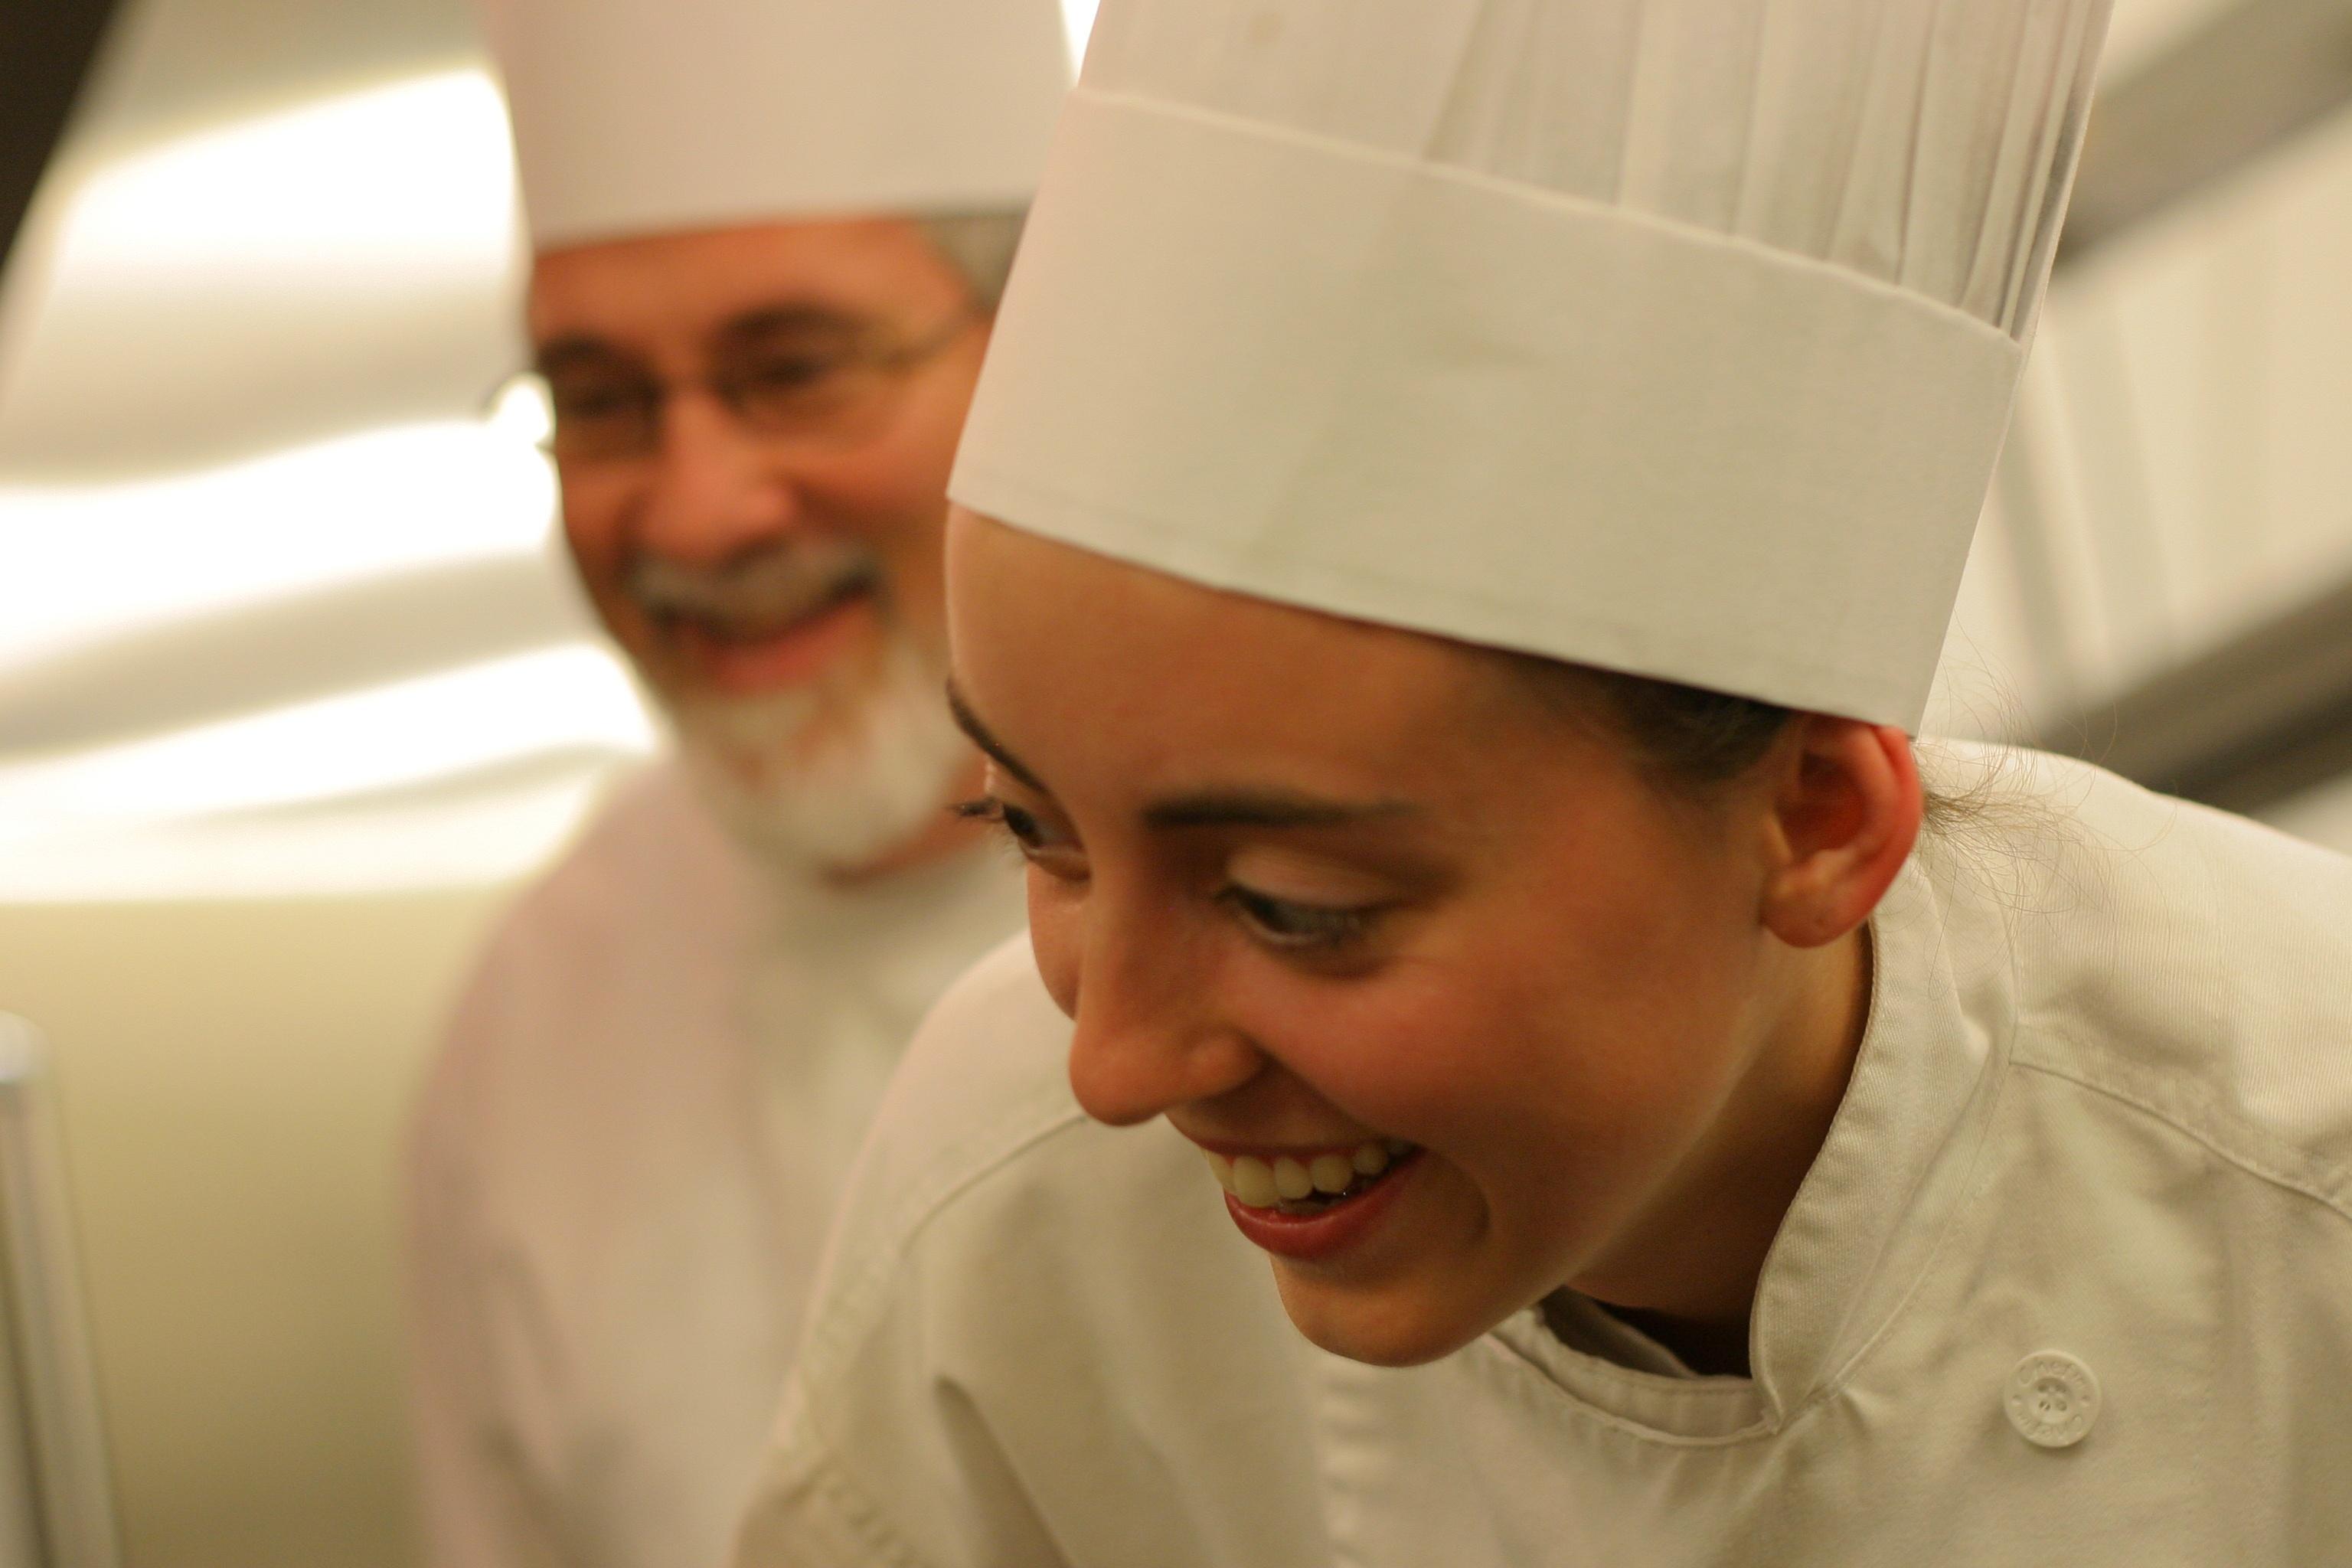 Culinary Arts: Baking